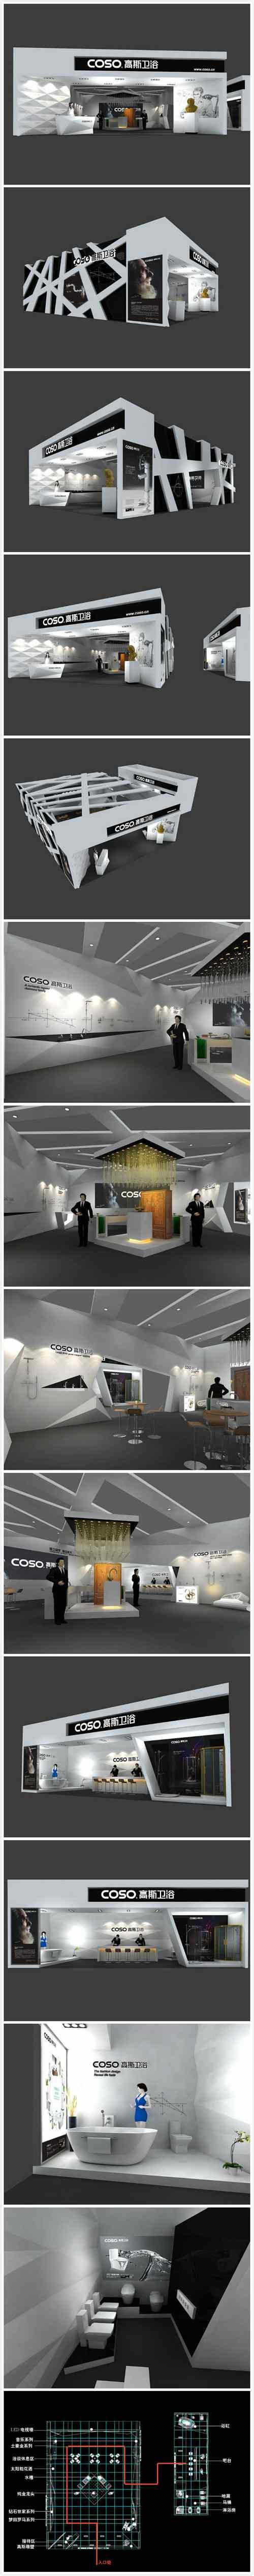 COSO高斯卫浴展台设计案例